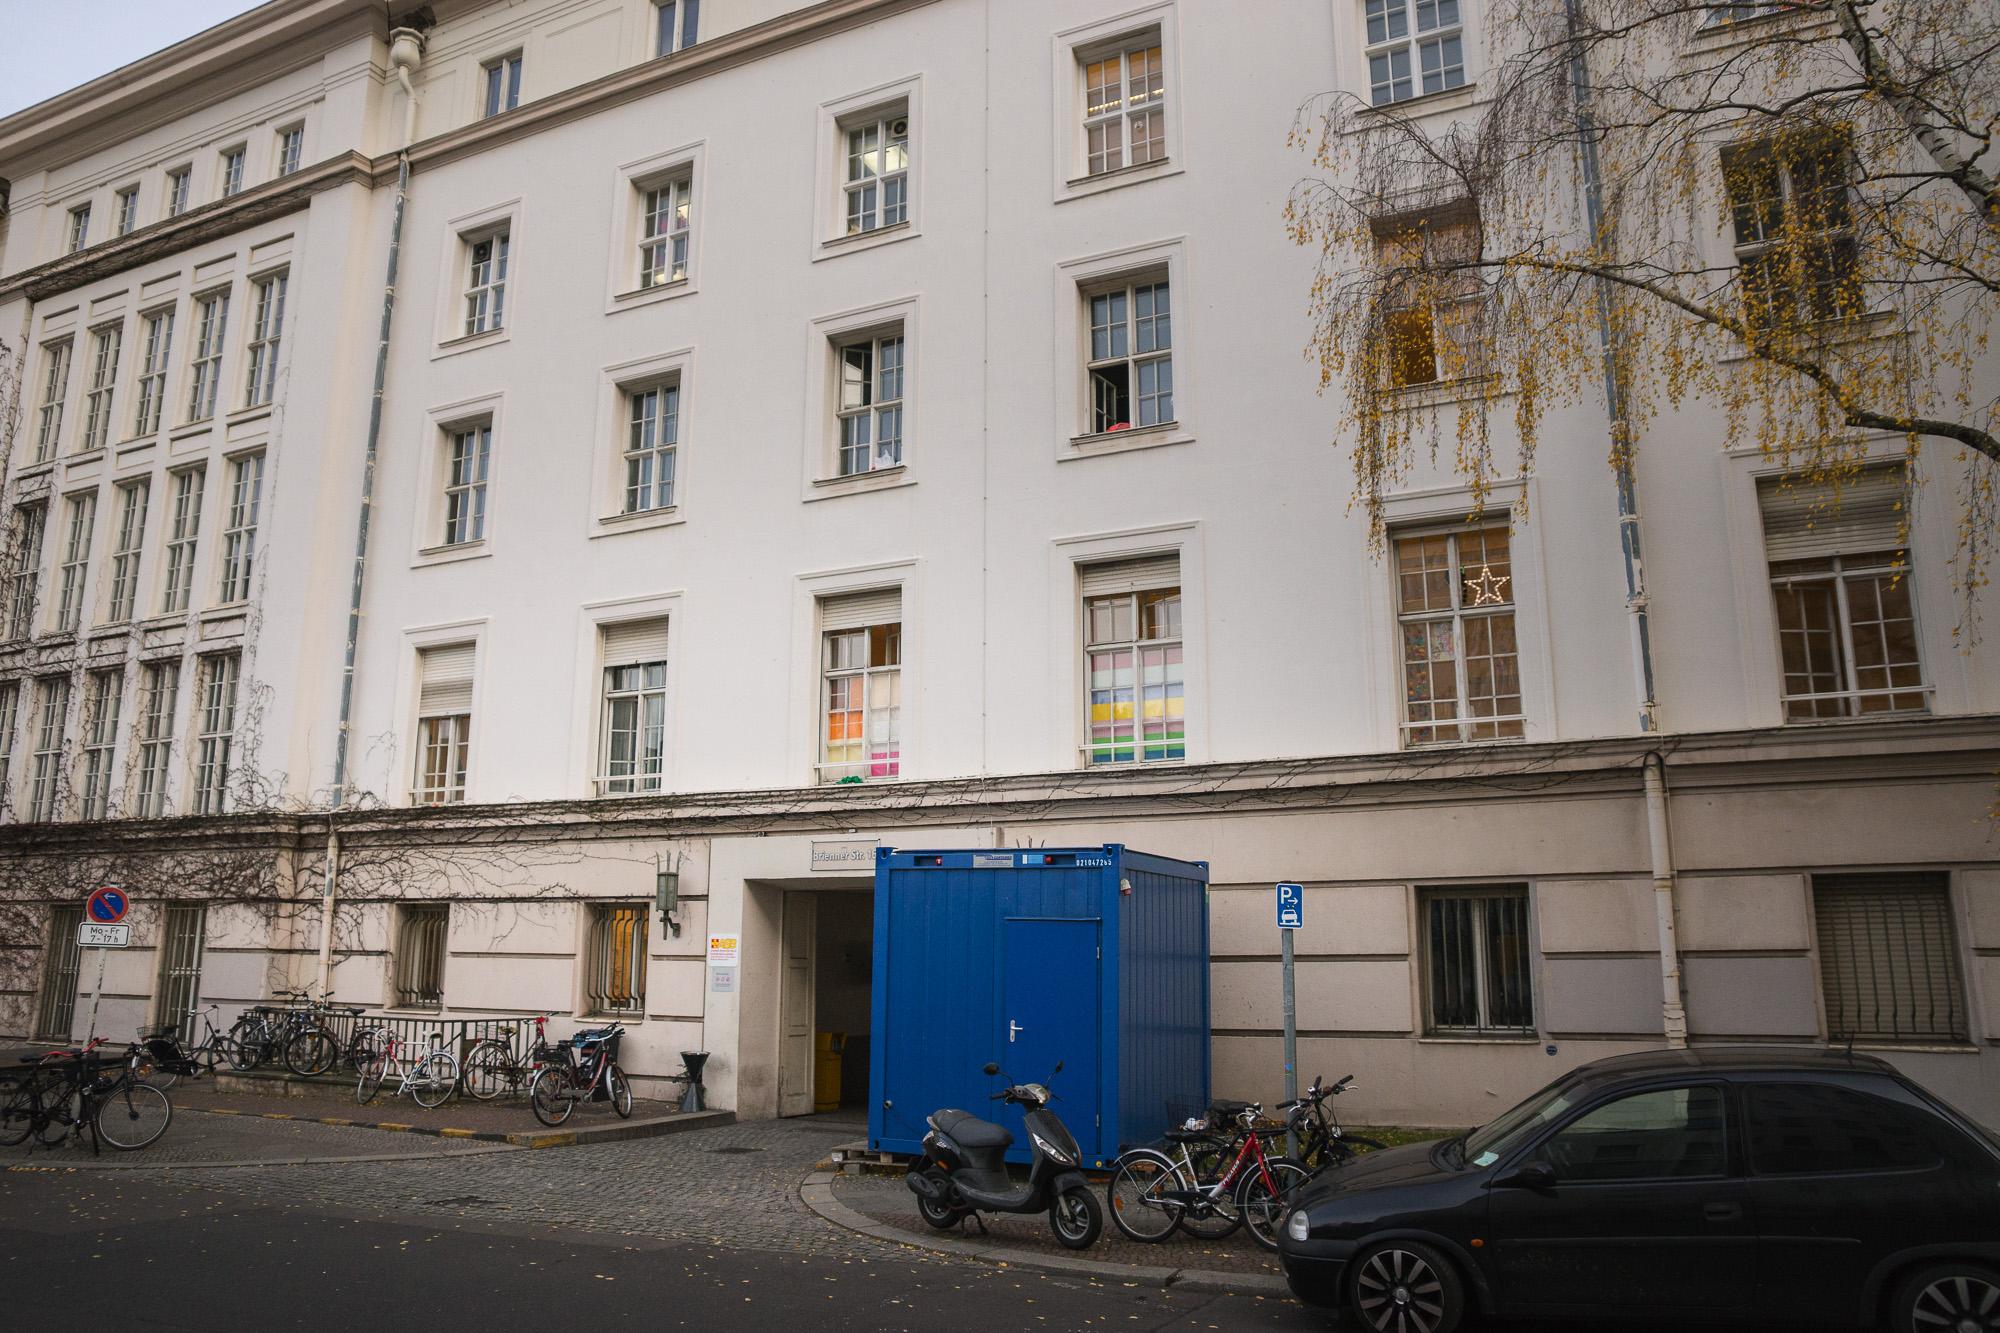 Die Notunterkunft in Berlin-Wilmersdorf: Der Eingang liegt verborgen auf der Rückseite. (Foto: Benedikt Bungarten)